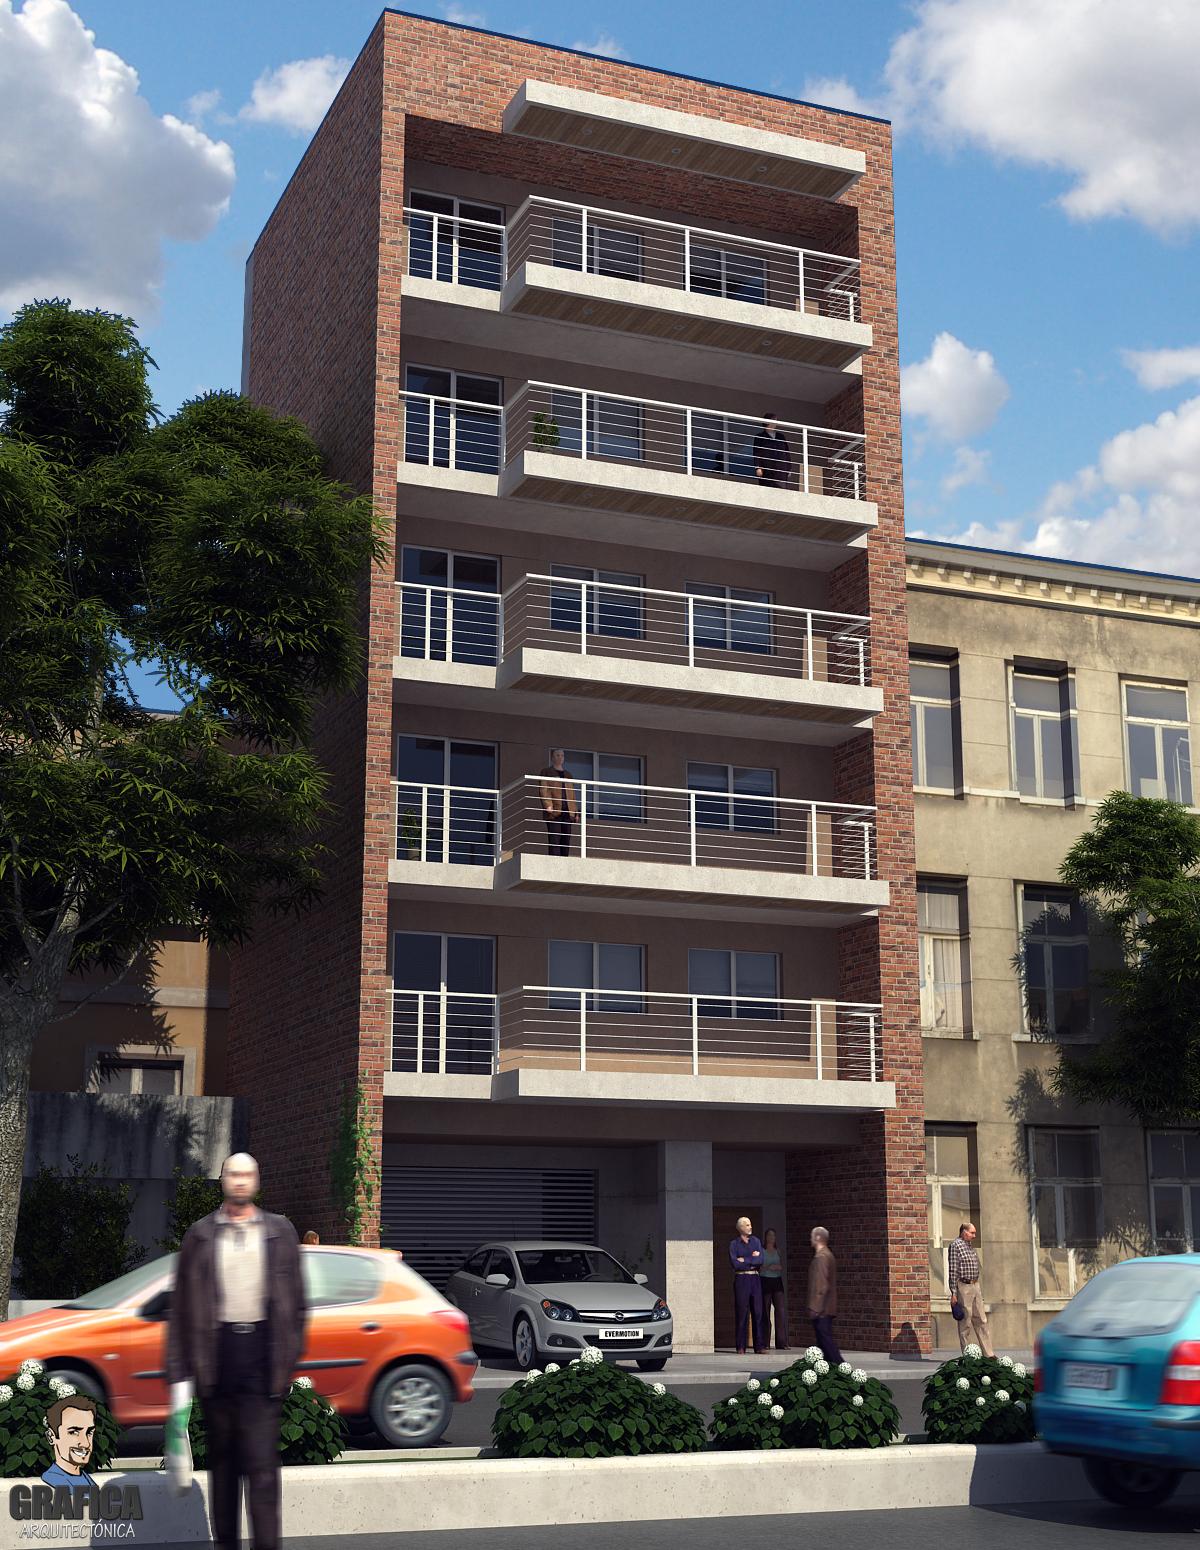 Practica exterior edificio en altura grafica for Exterior edificios